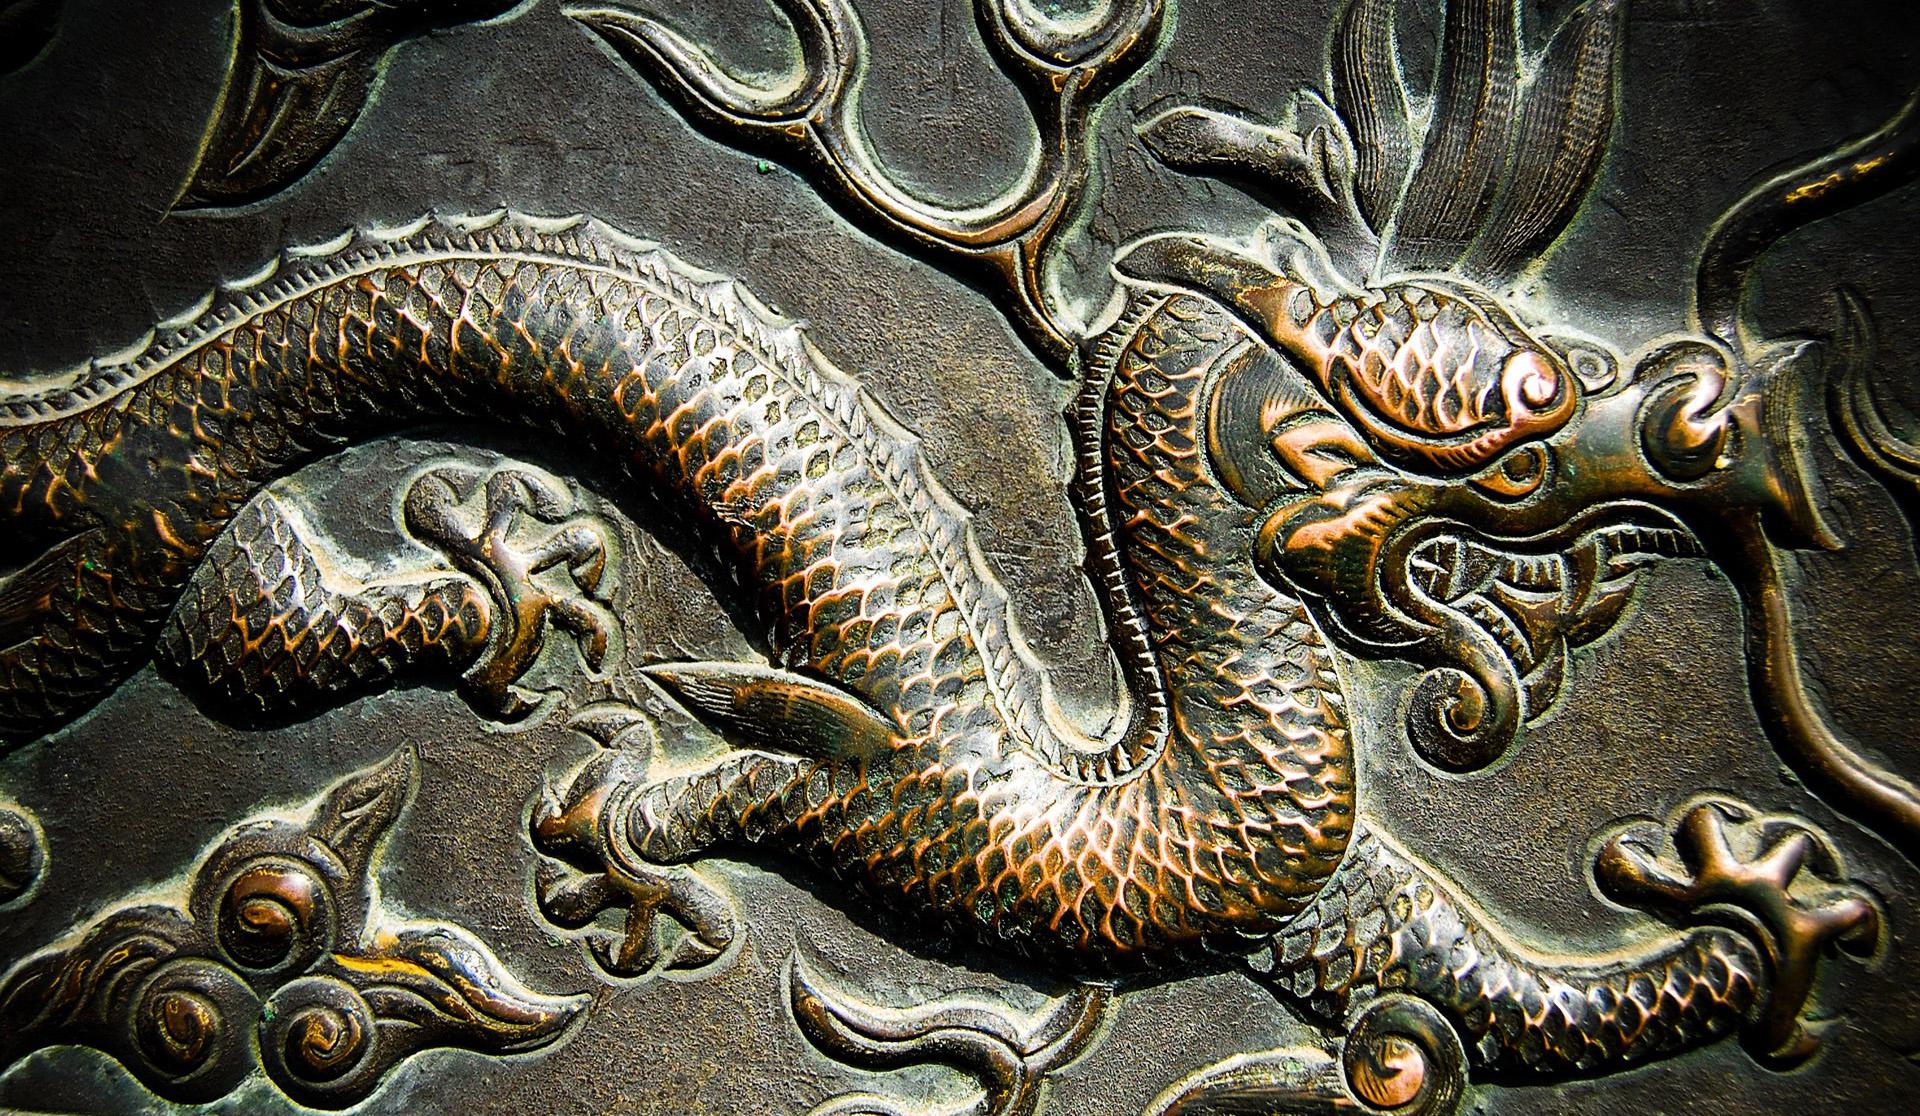 древний китай картинки дракона дворянское гнездо расположен